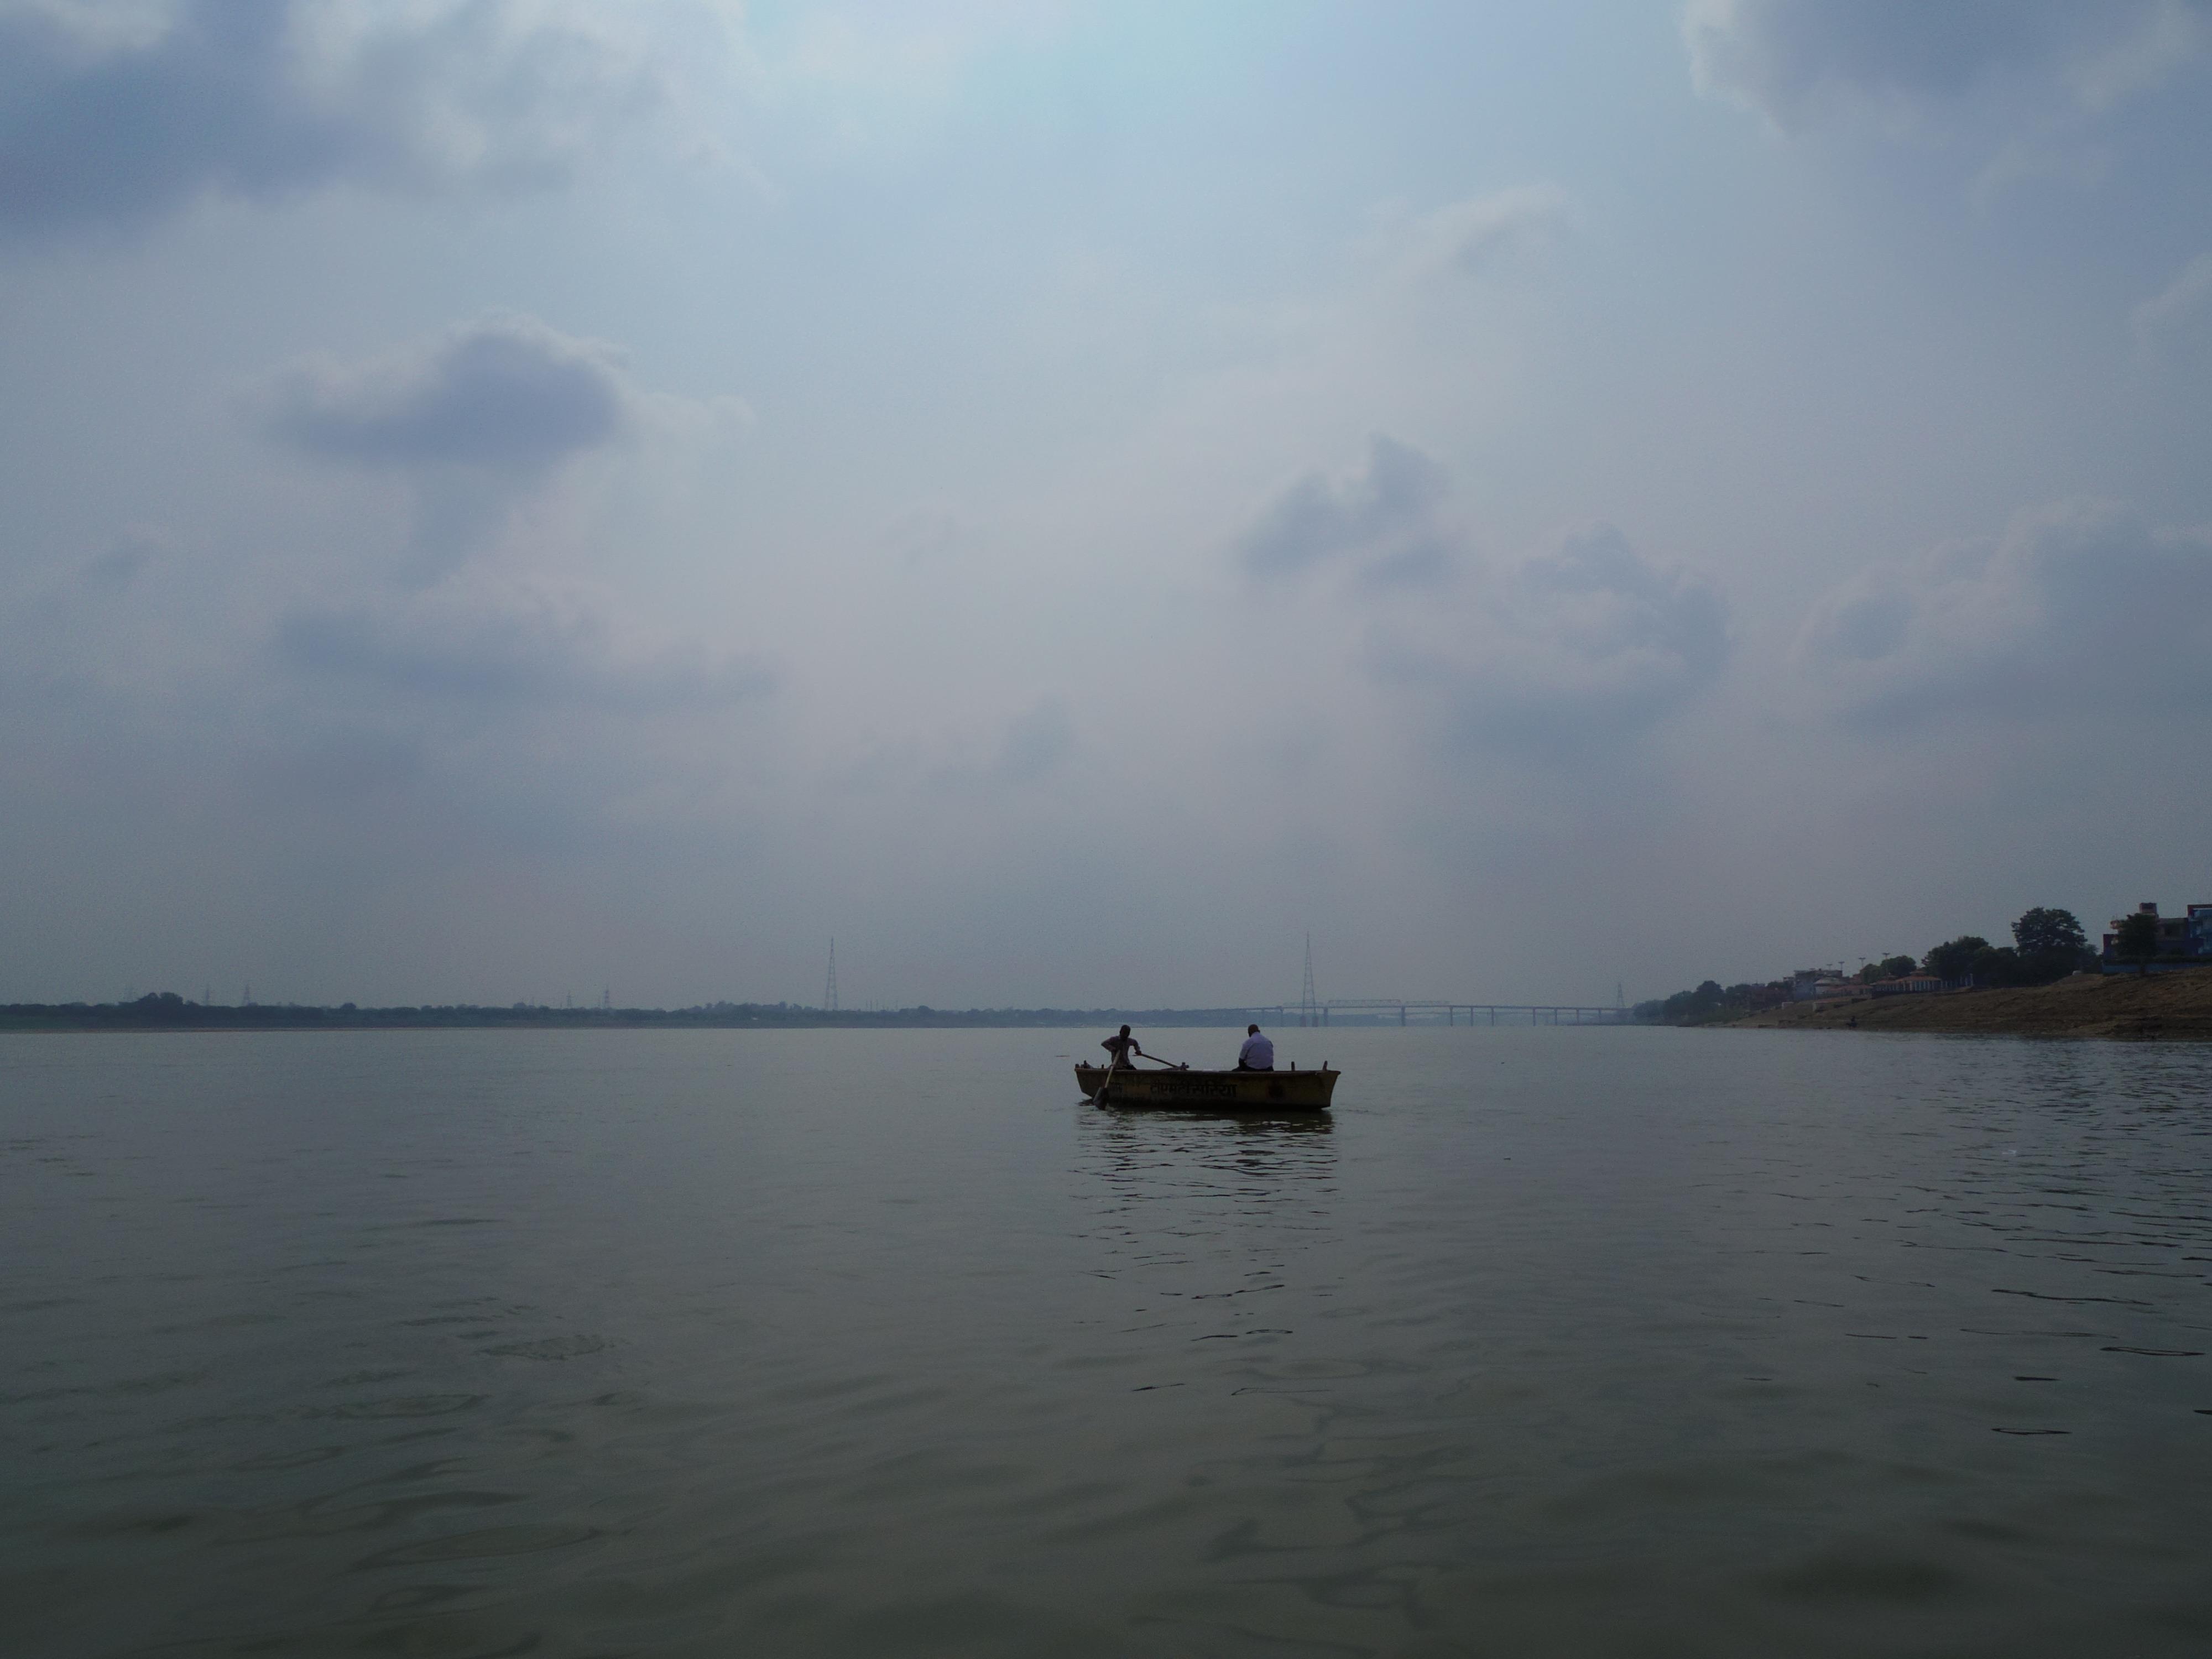 ガンジス川でボートに乗ったら、景色が変わった。